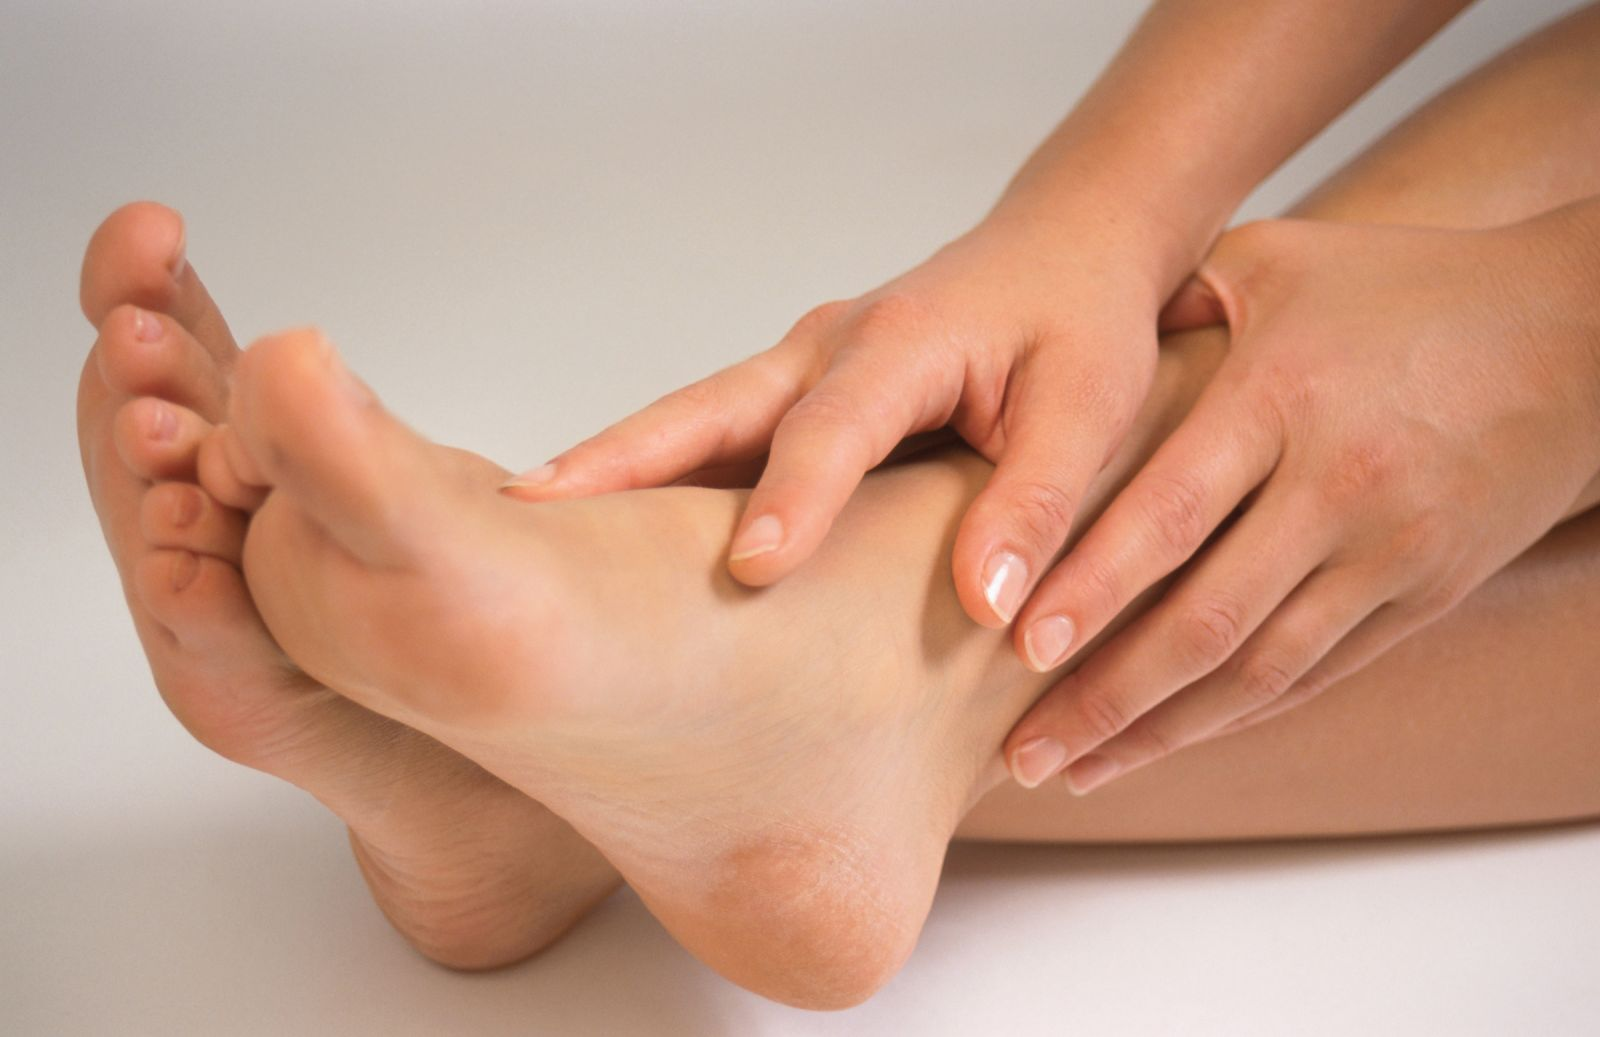 Как избавиться от мозолей на ногах?